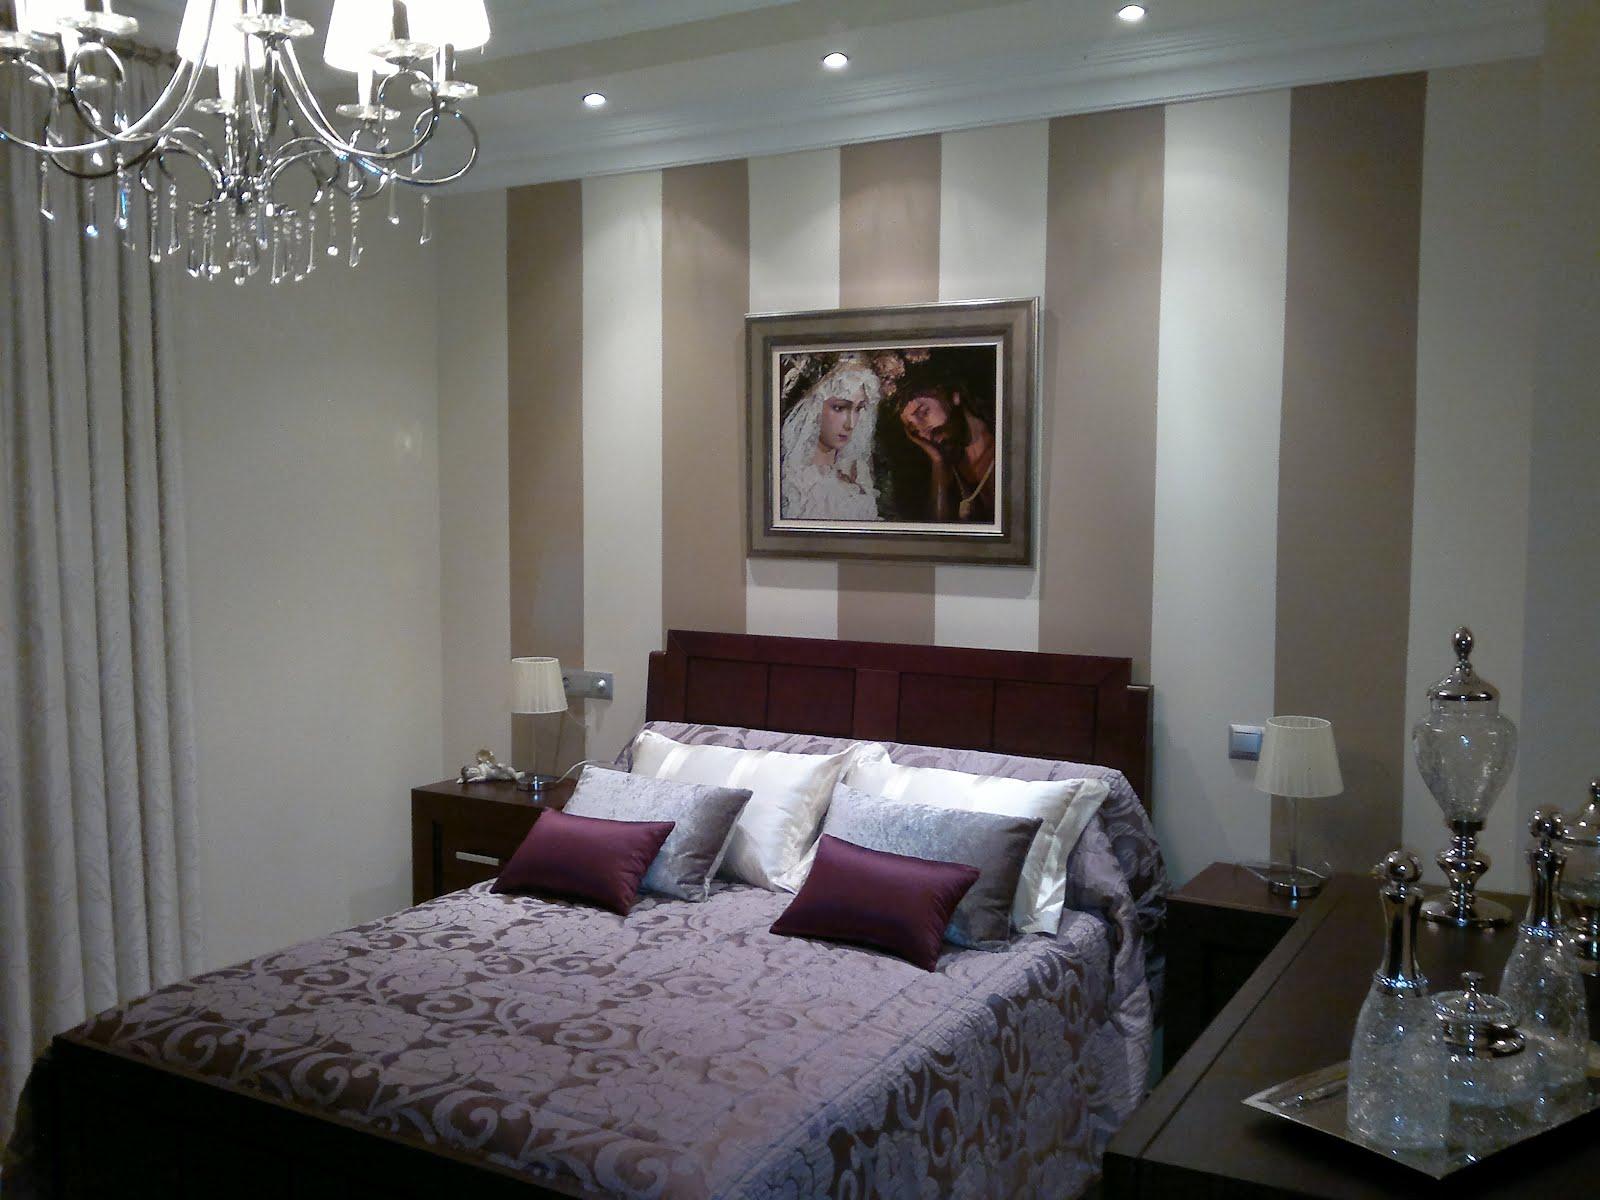 El diario mc rabanan habitaciones decoradas con rayas y - Habitaciones pintadas con rayas ...